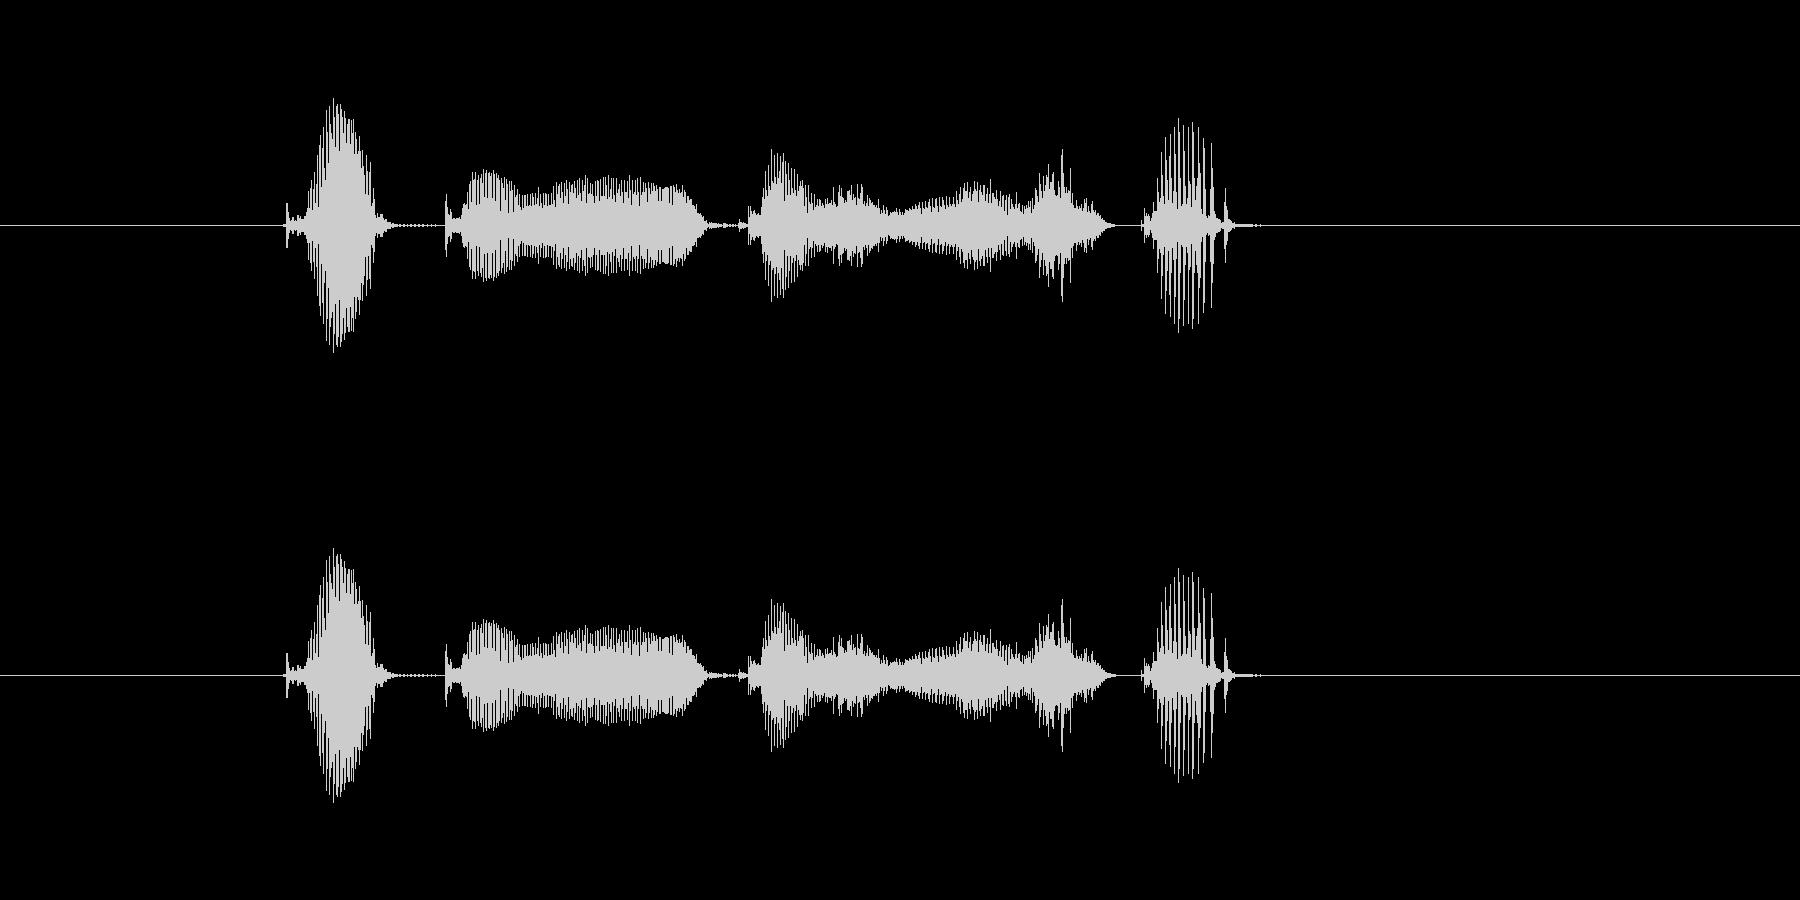 【システム】確認いたしましたの未再生の波形